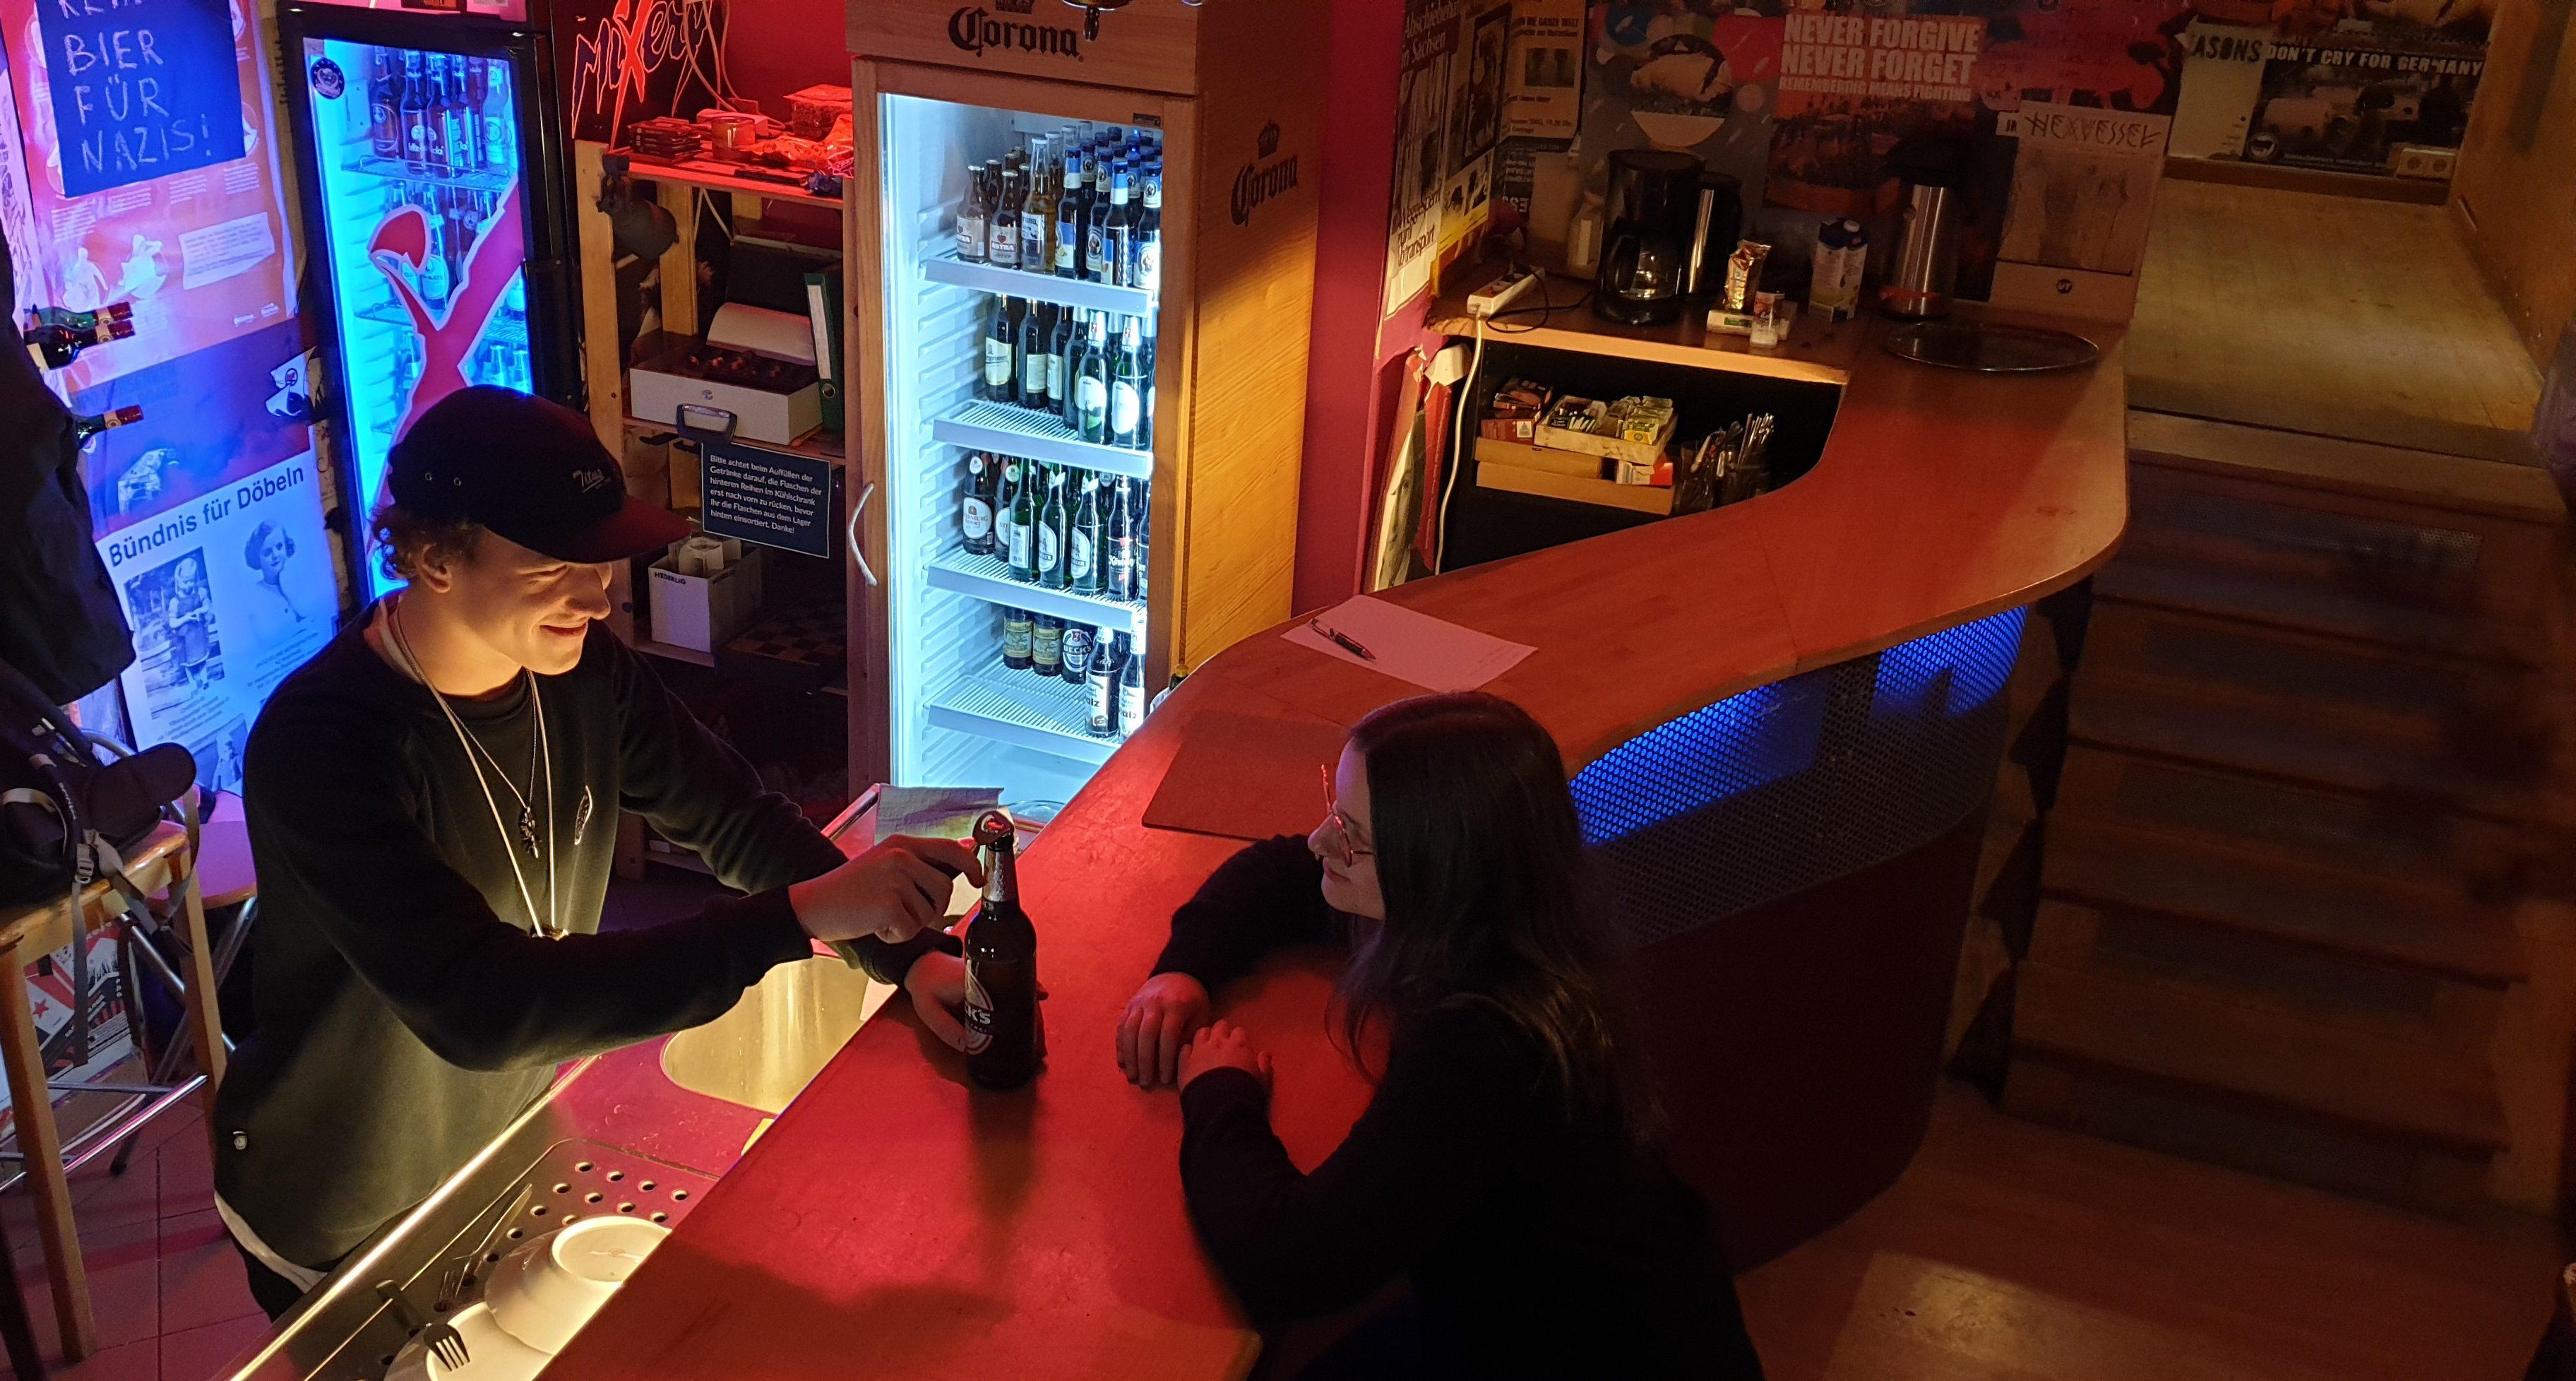 Eine Bar, an der ein Ehrenamtlicher einem Gast ein Getränk ausschenkt.